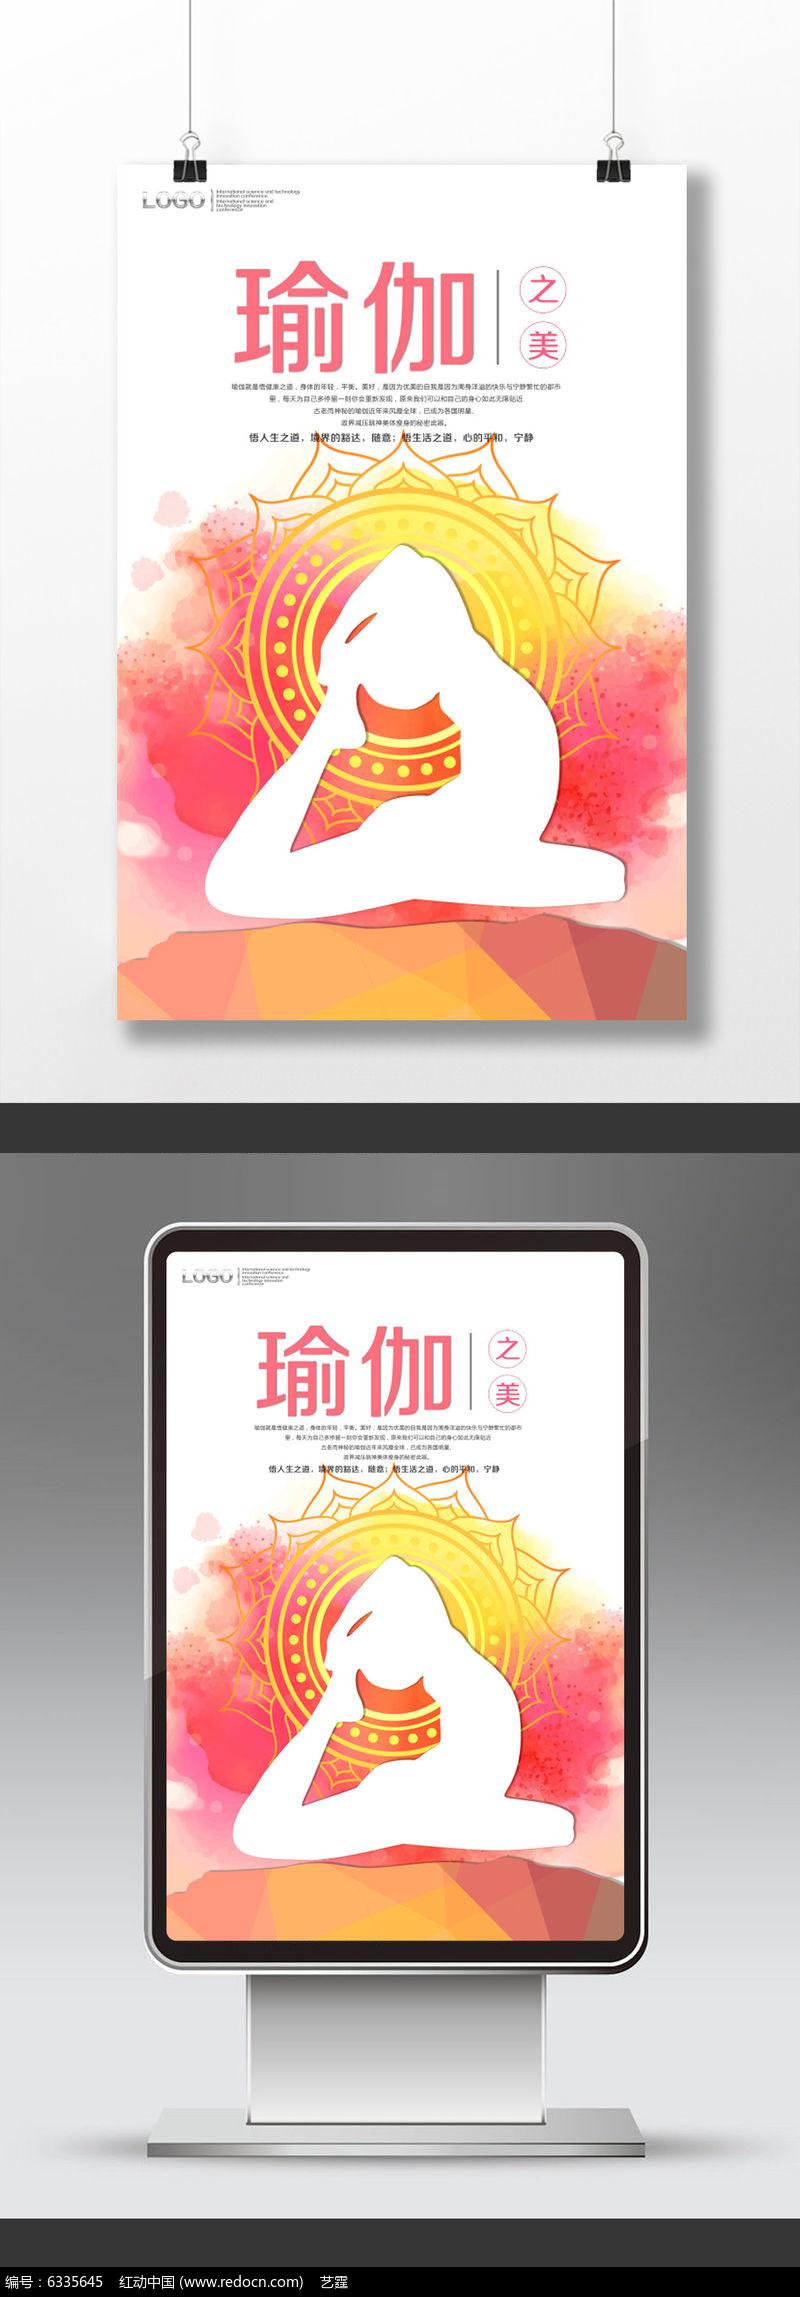 瑜伽手绘宣传海报图片